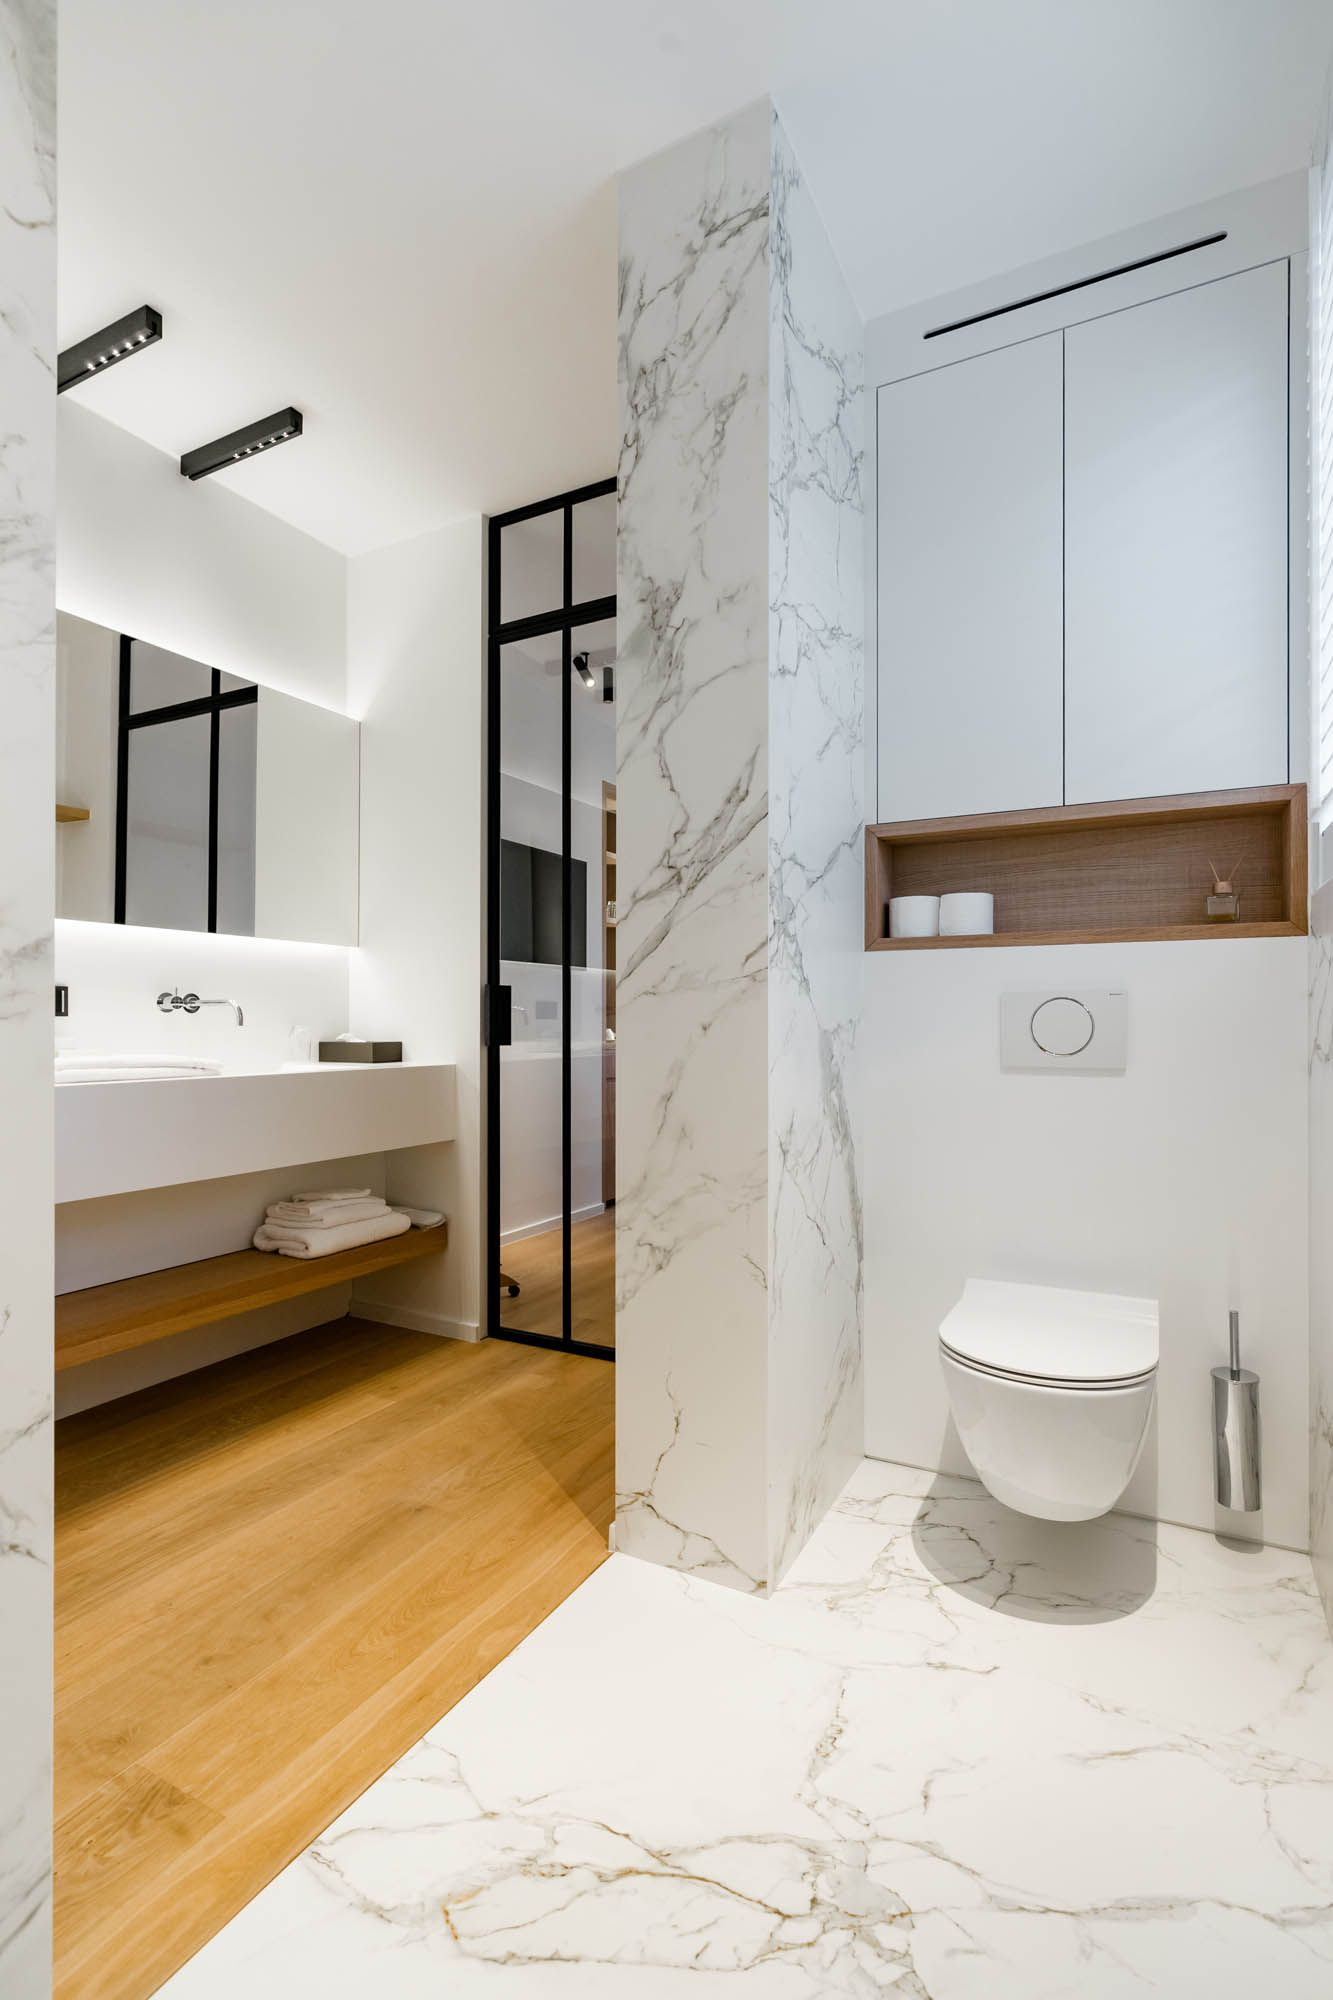 Beautiful Bathroom Ideas Marble And Wood Steel Door Toilet Restroom Lighting Nuit Led Bathroom Design Luxury Guest Bathroom Remodel Diy Bathroom Design